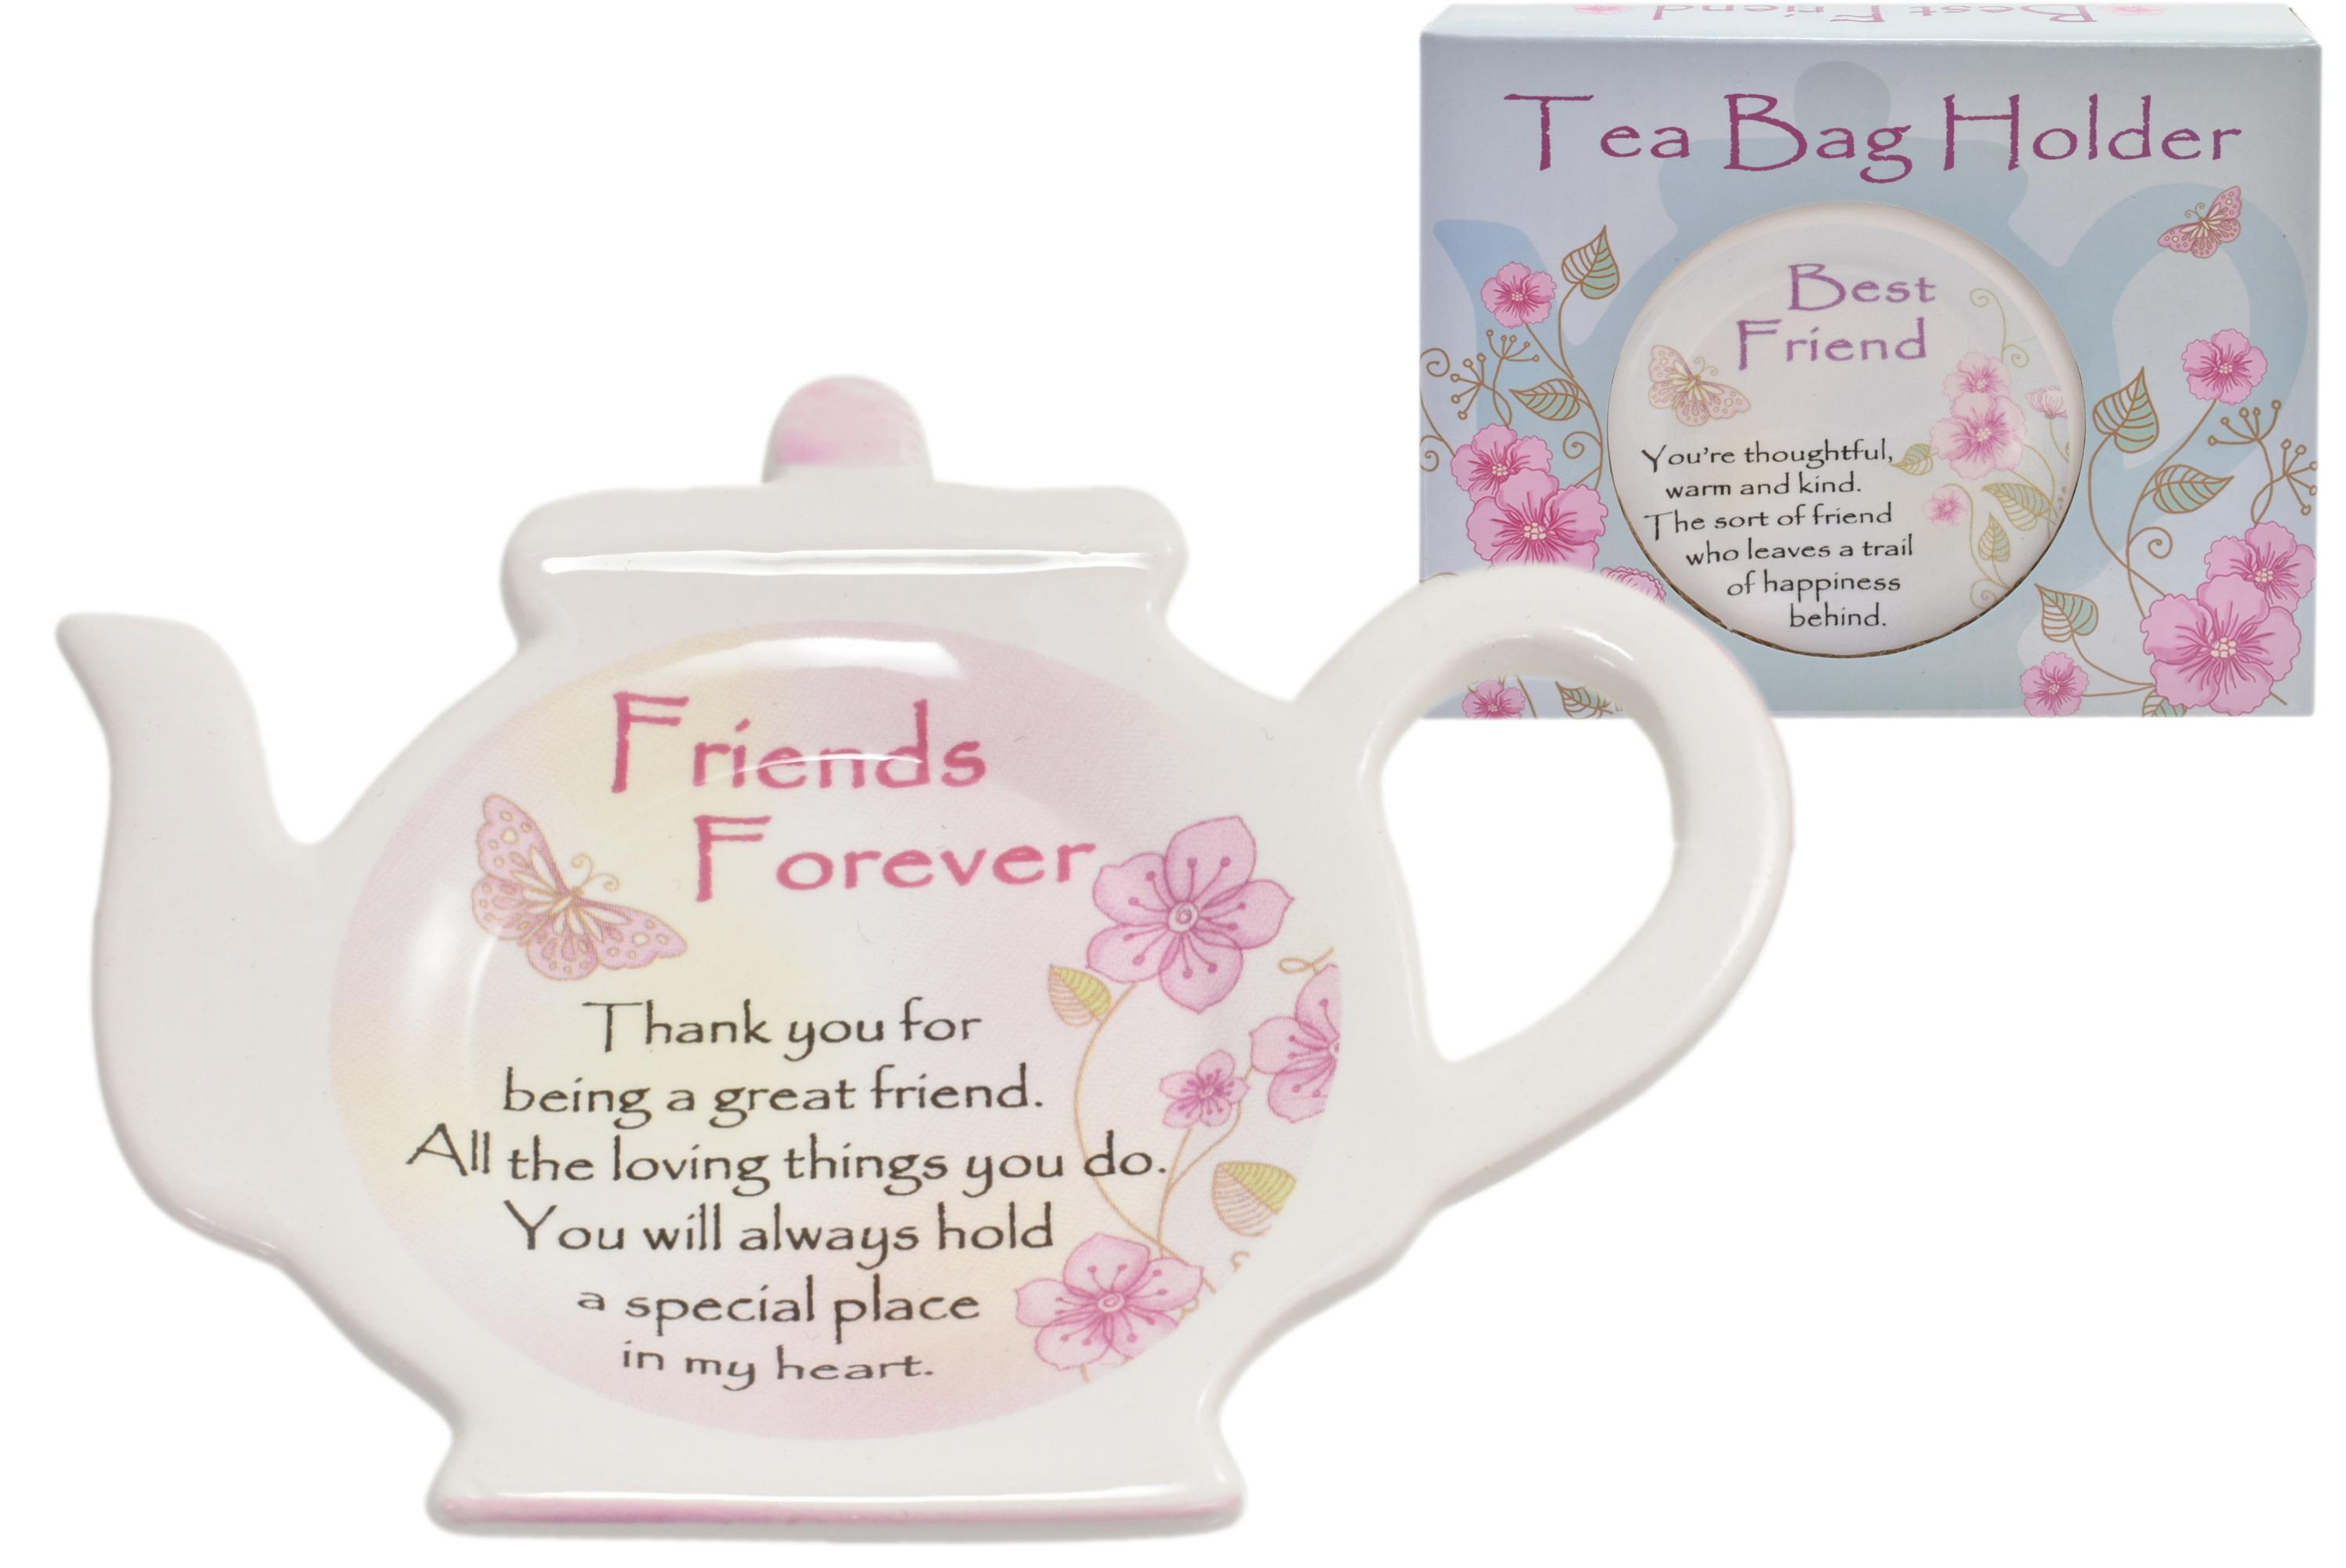 Friends Forever Ceramic Tea Caddy In Acetate Box